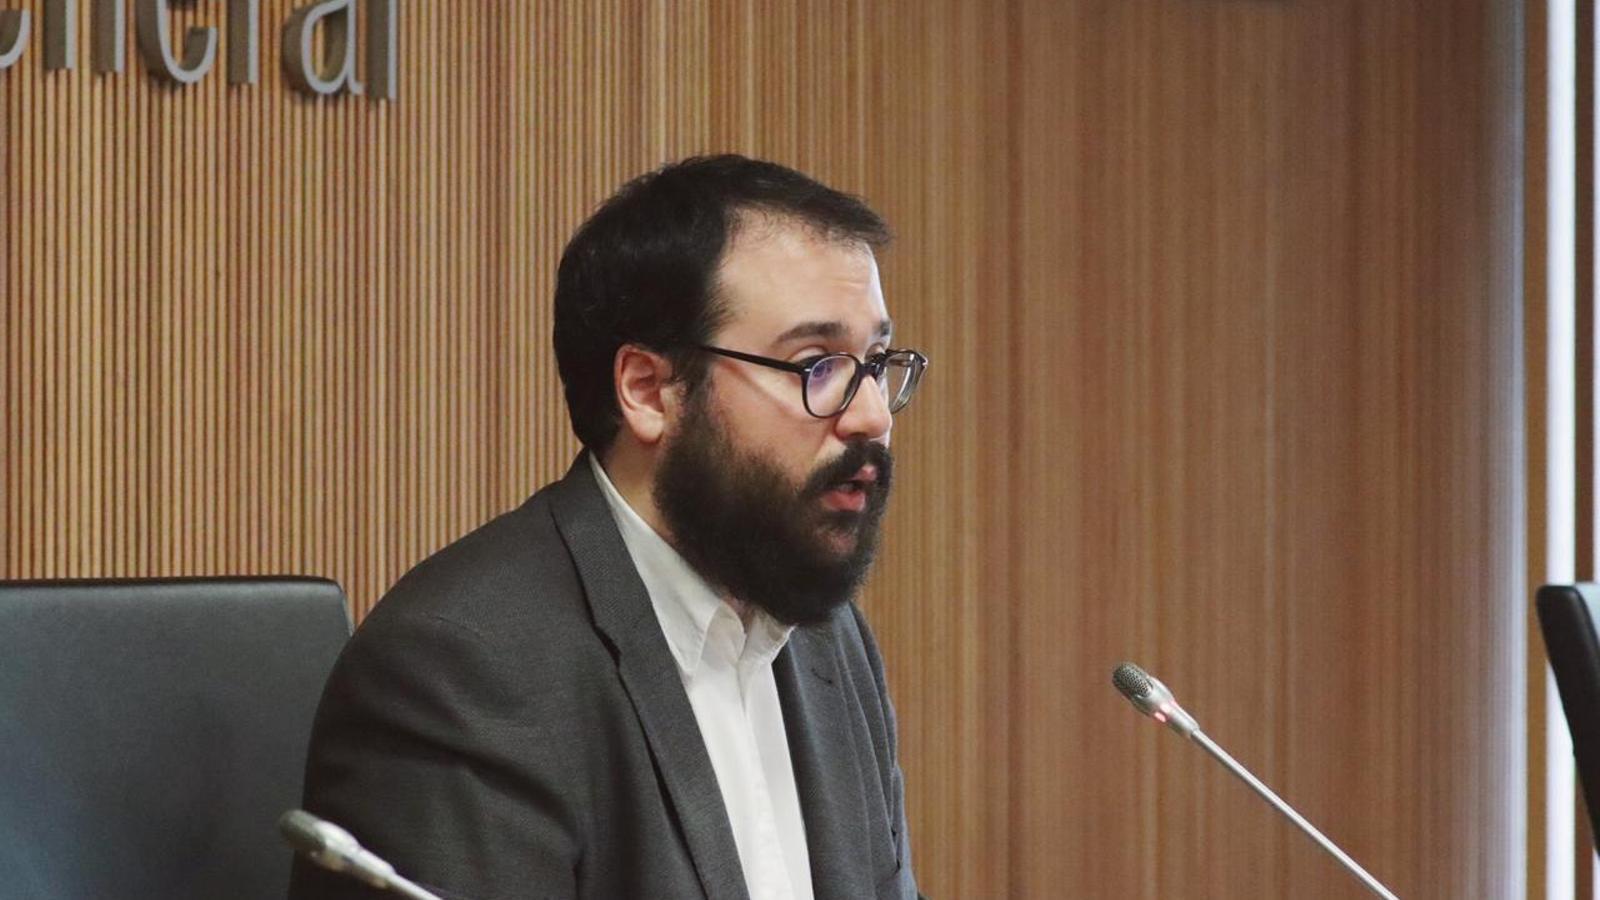 El conseller del grup parlamentari socialdemòcrata Carles Sánchez. / PS